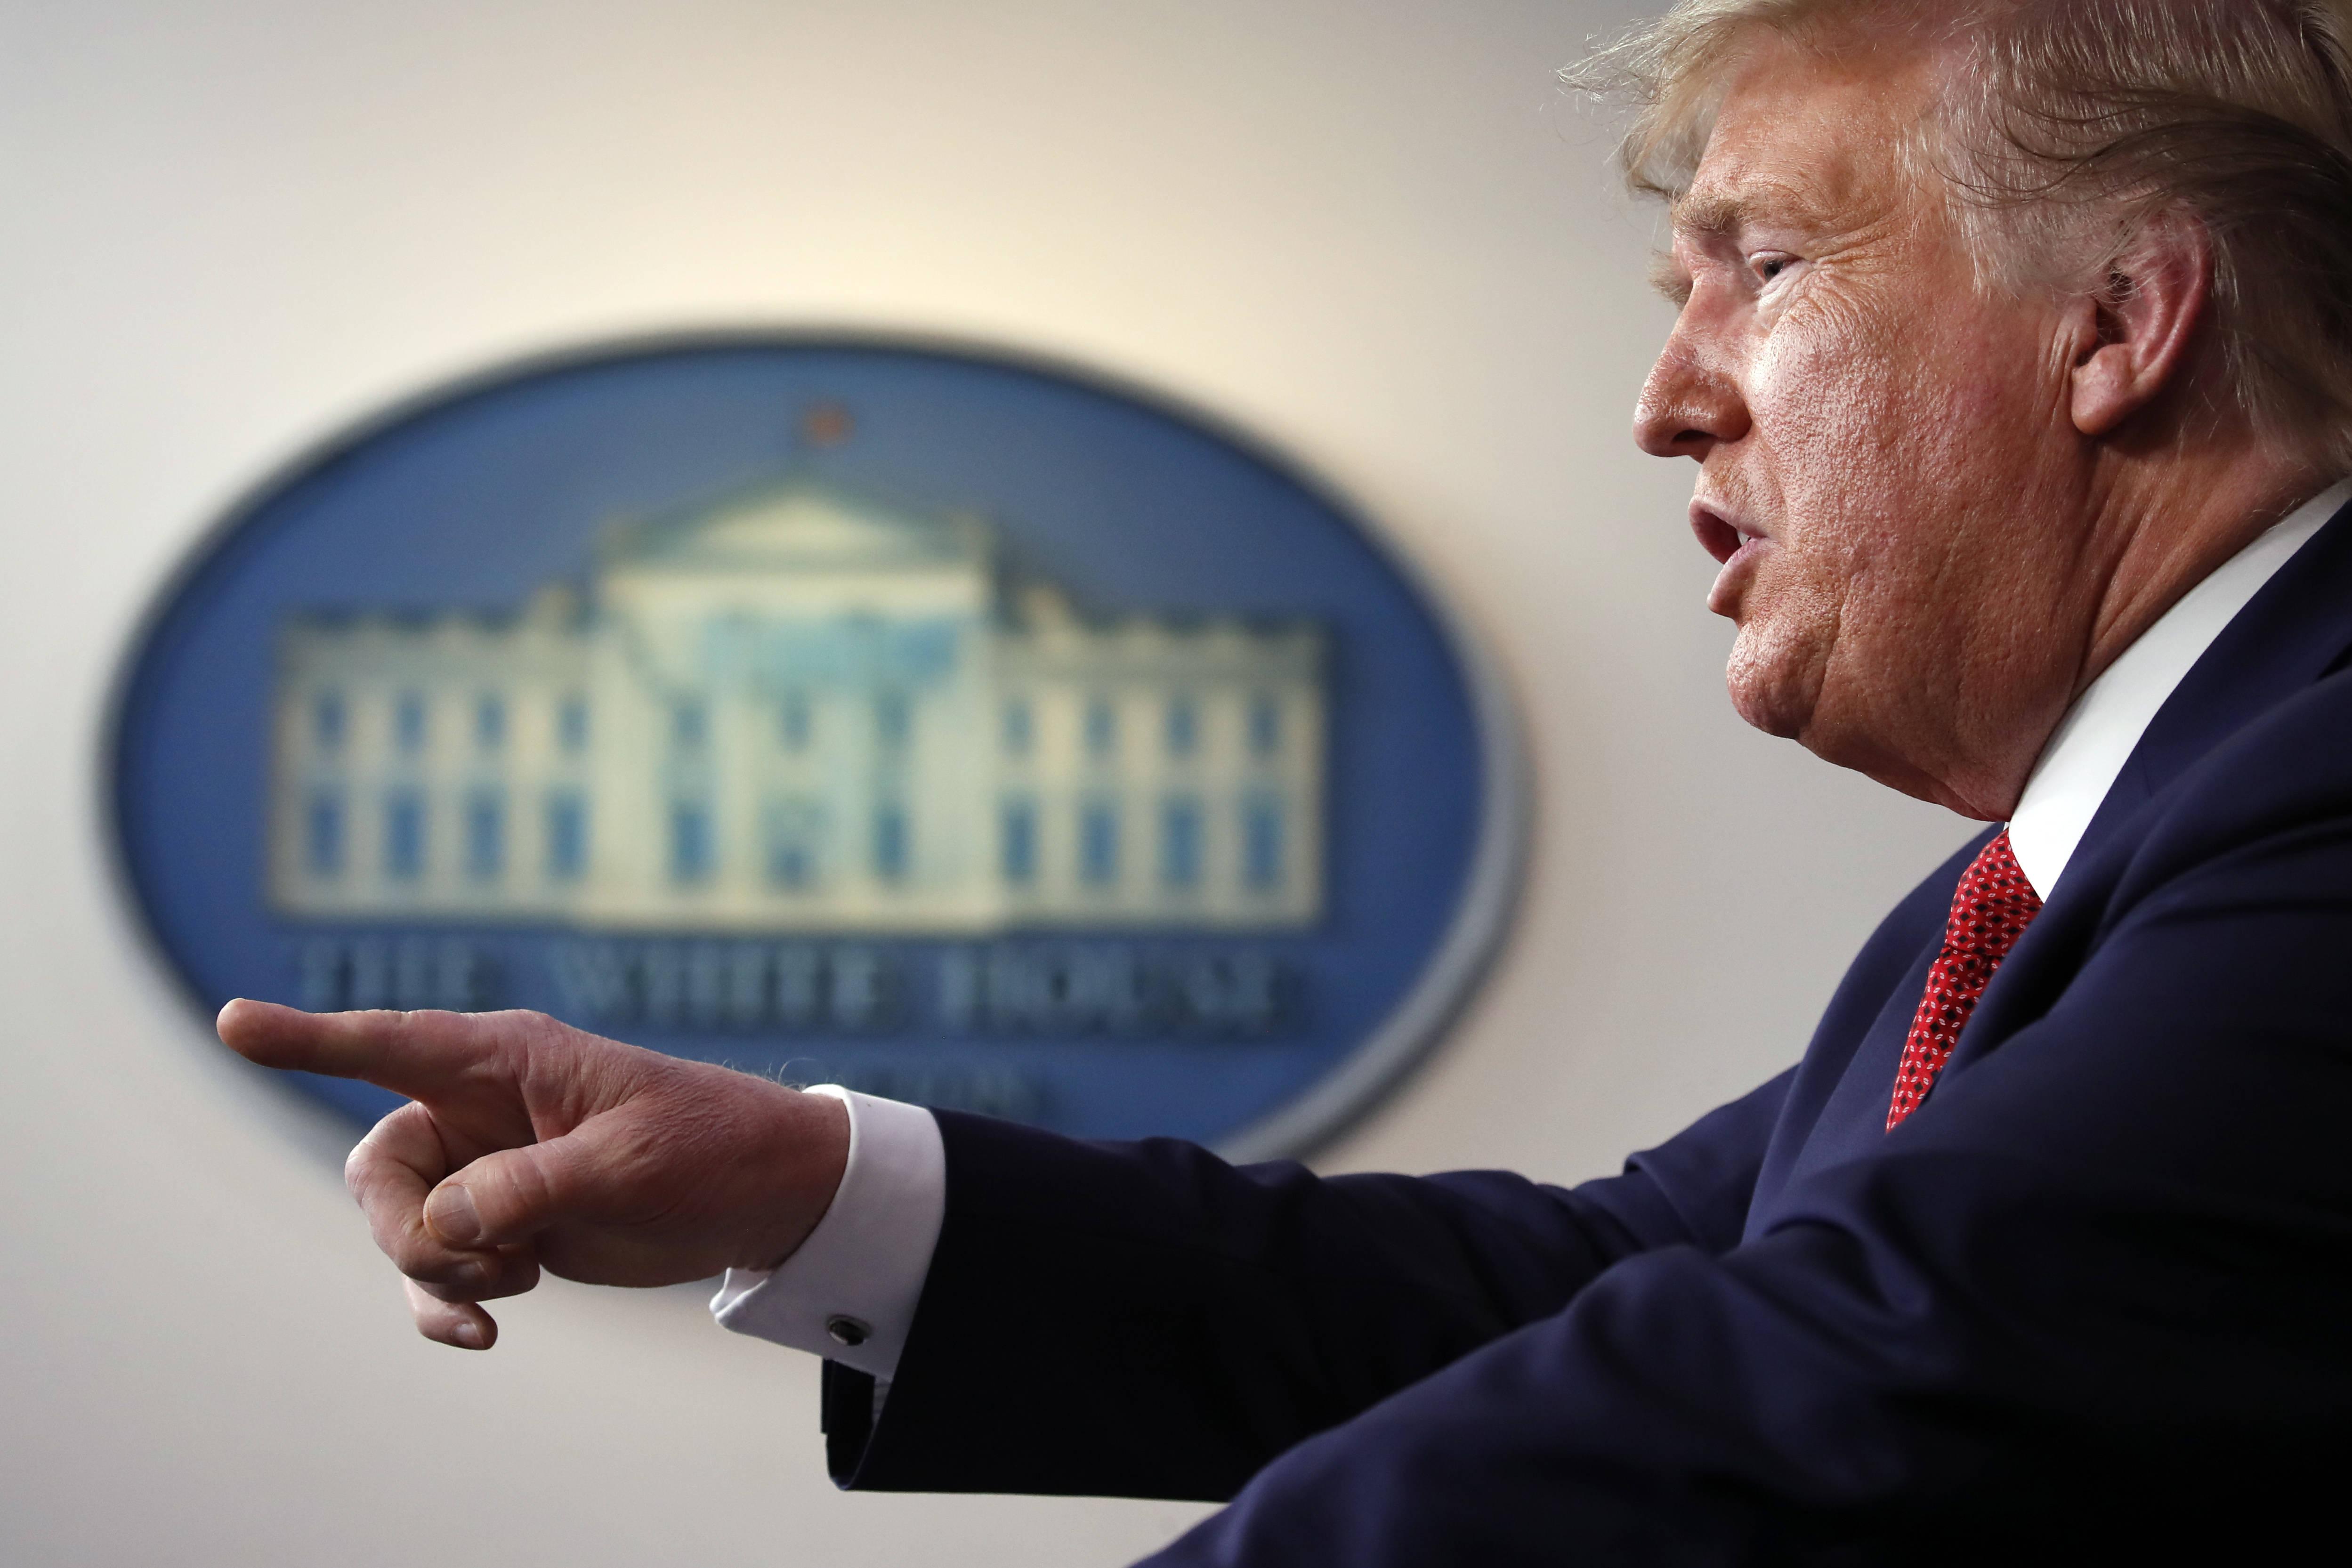 Donald Trump lors d'une conférence de presse sur le coronavirus à Washington, le 25 mars 2020.